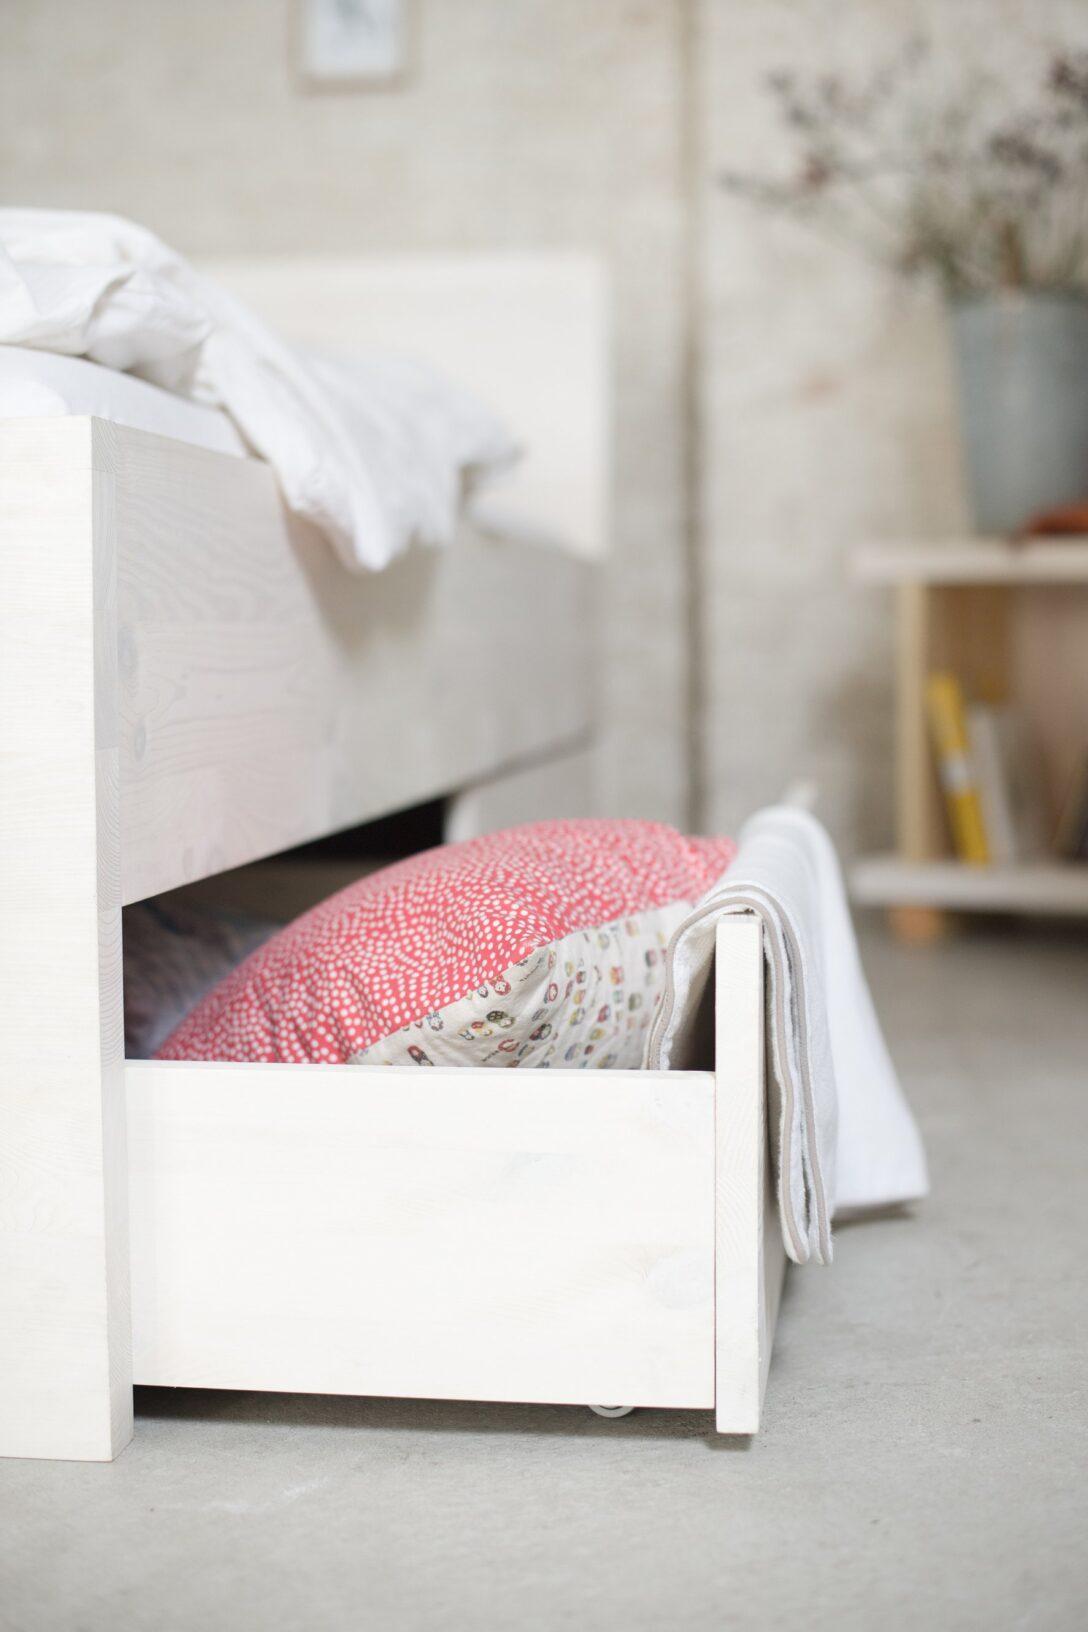 Large Size of Stauraumbetten Aus Zertifizierten Massivholz Bio Bett 200x200 Weiß Komforthöhe Stauraum Betten Mit Bettkasten Wohnzimmer Stauraumbett 200x200